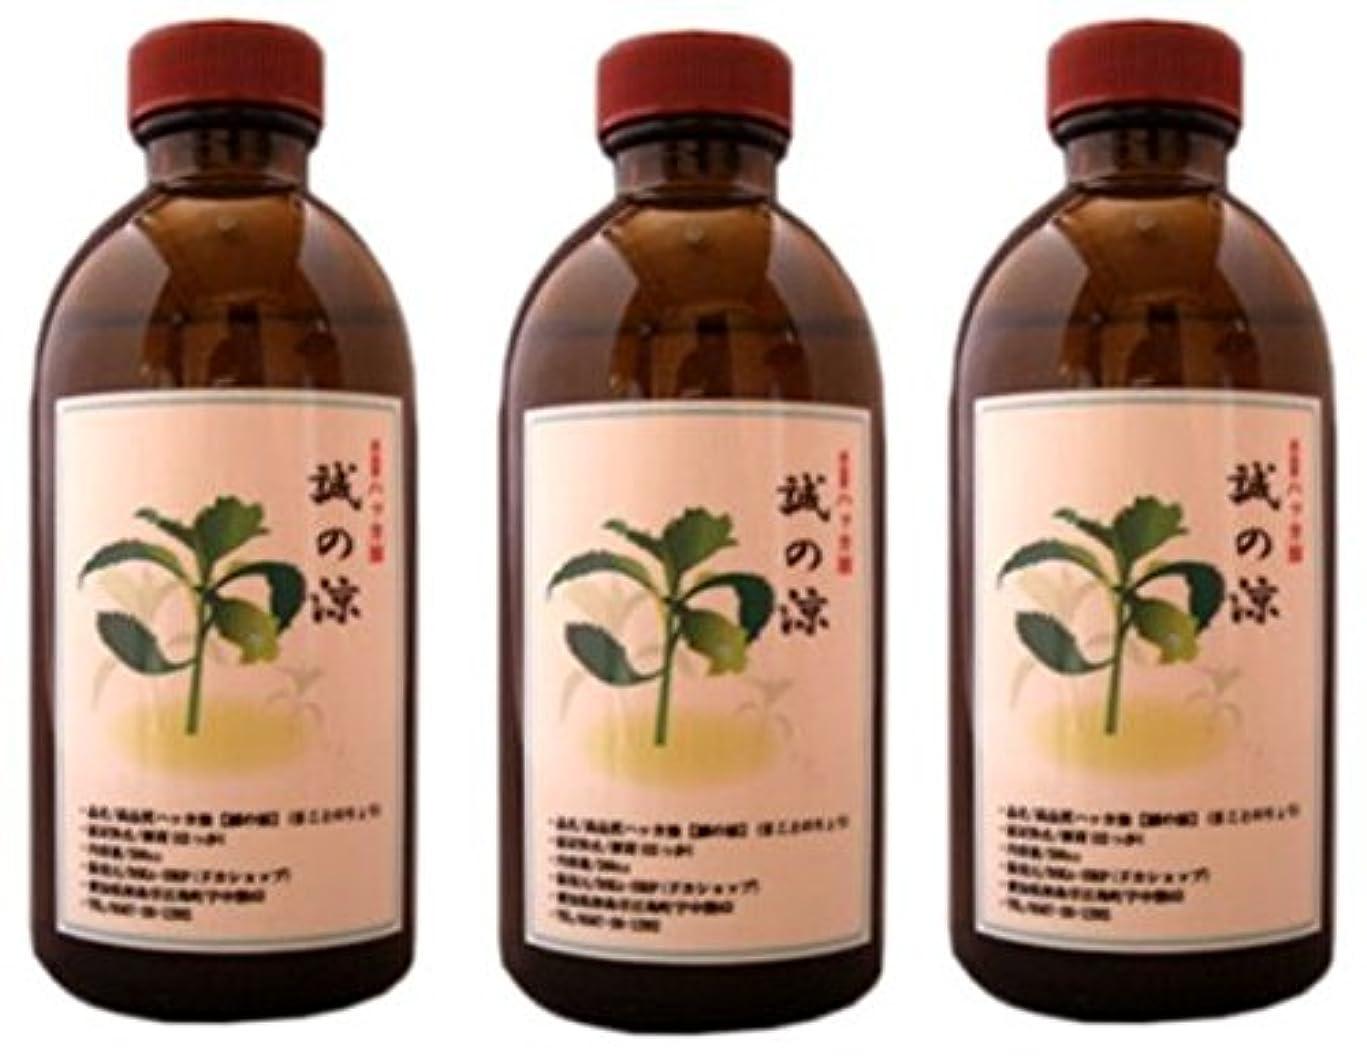 ラベ粒コンパイルDOKA-SHOP 高品質ハッカ精油100%【誠の涼(まことのりょう)】日本国内加工精製 たっぷり使えてバツグンの爽快感 200cc×3本セット